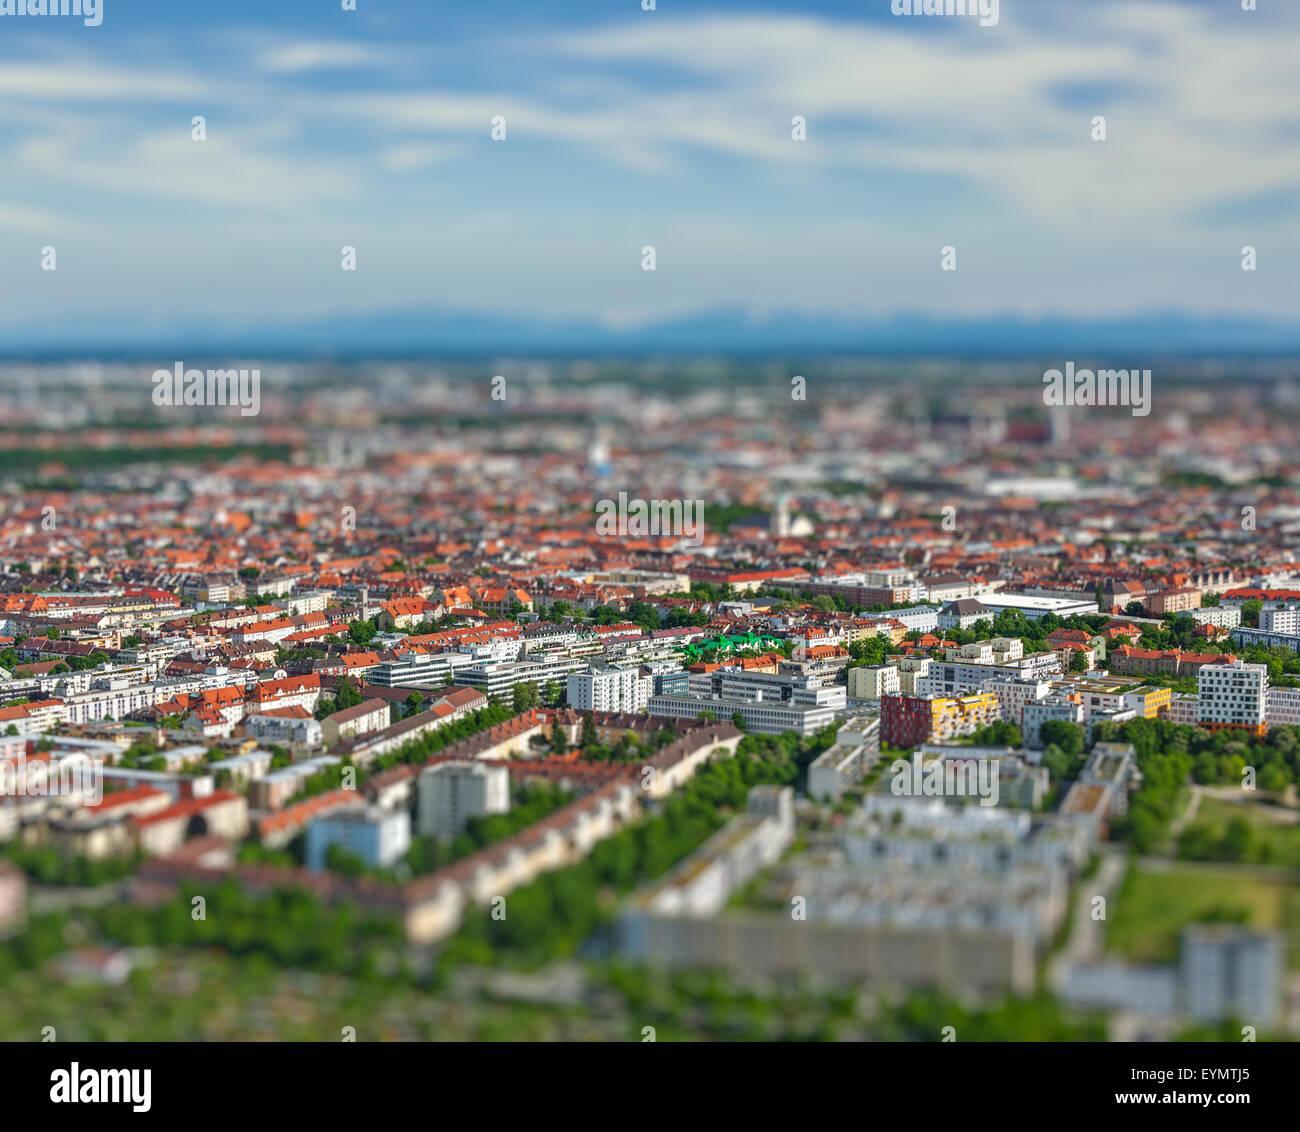 Vista aerea di Monaco di Baviera da Olympiaturm Olympic Tower. Monaco di Baviera, Germania con tilt shift effetto Immagini Stock